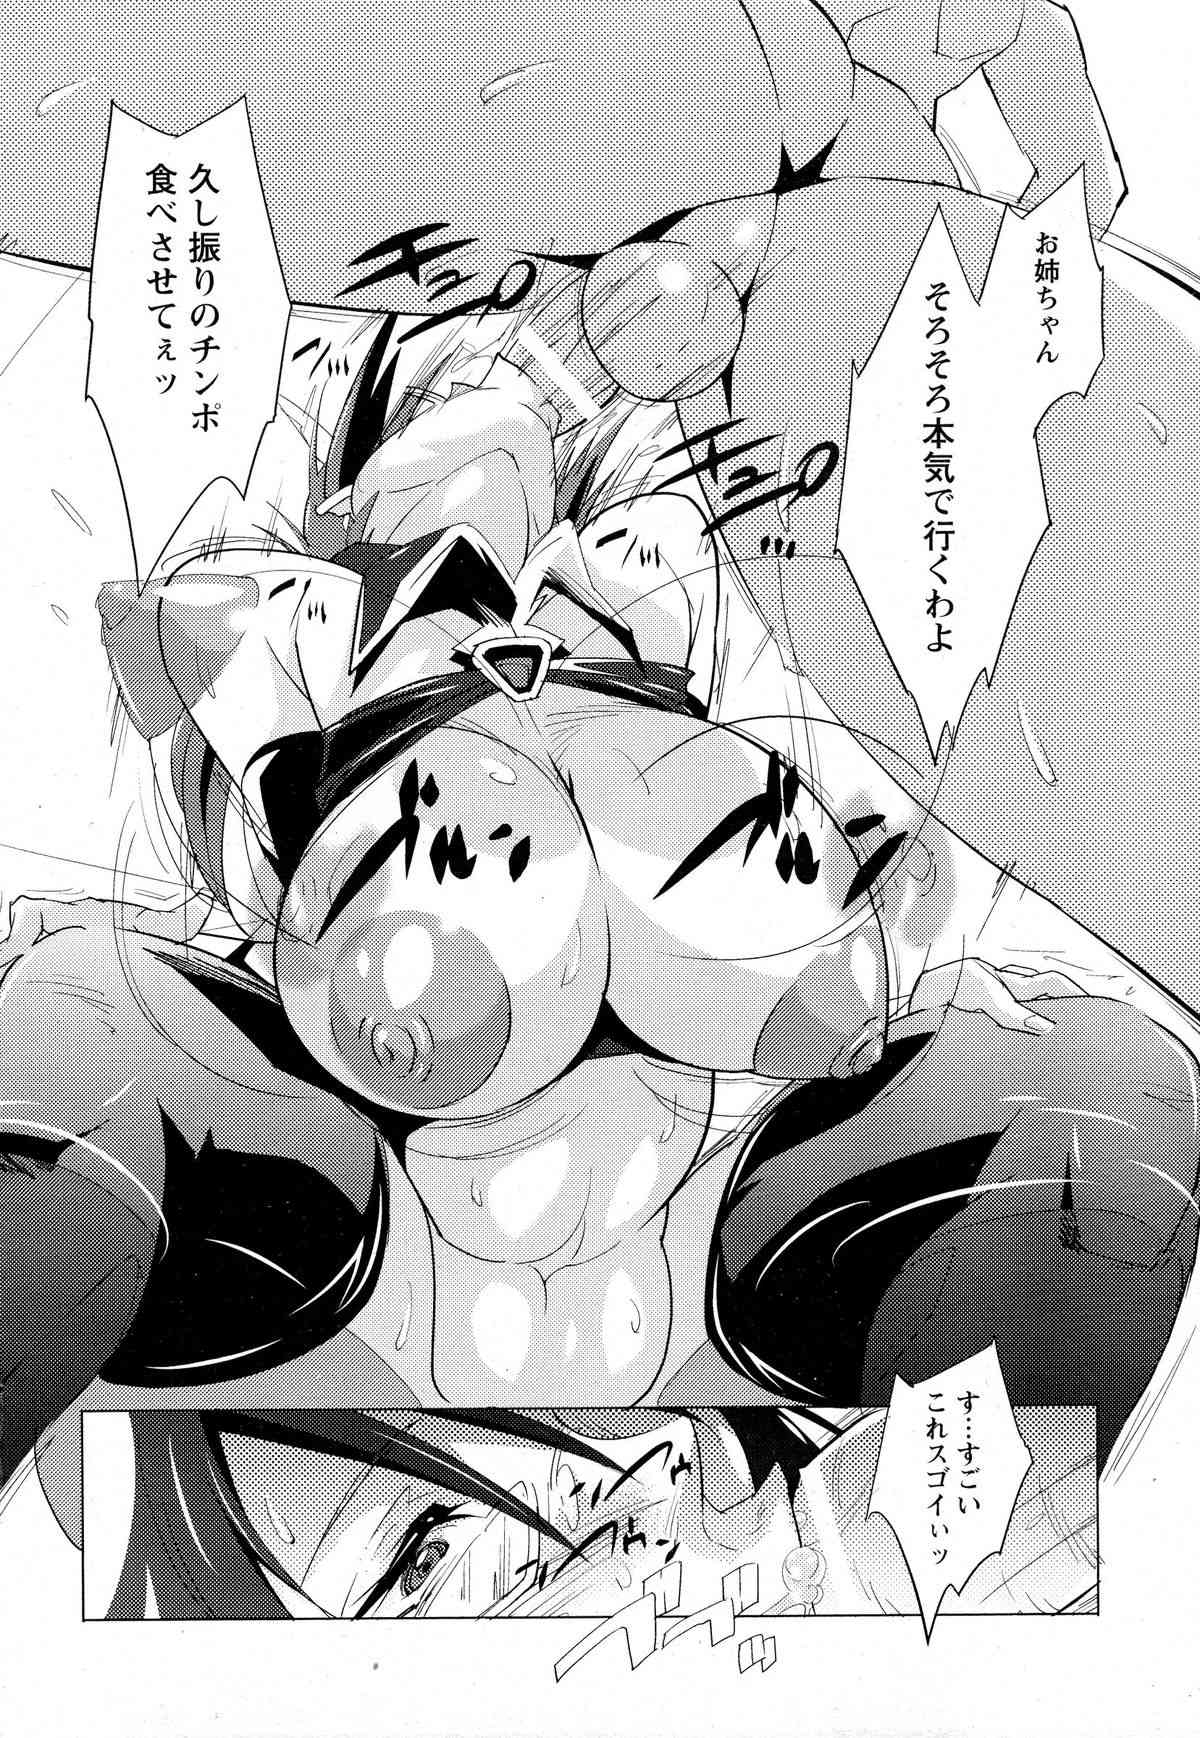 【エロ漫画】酒癖の悪い実姉が入浴中に乗り込んできてされるがまま逆レイプされてしまうwww